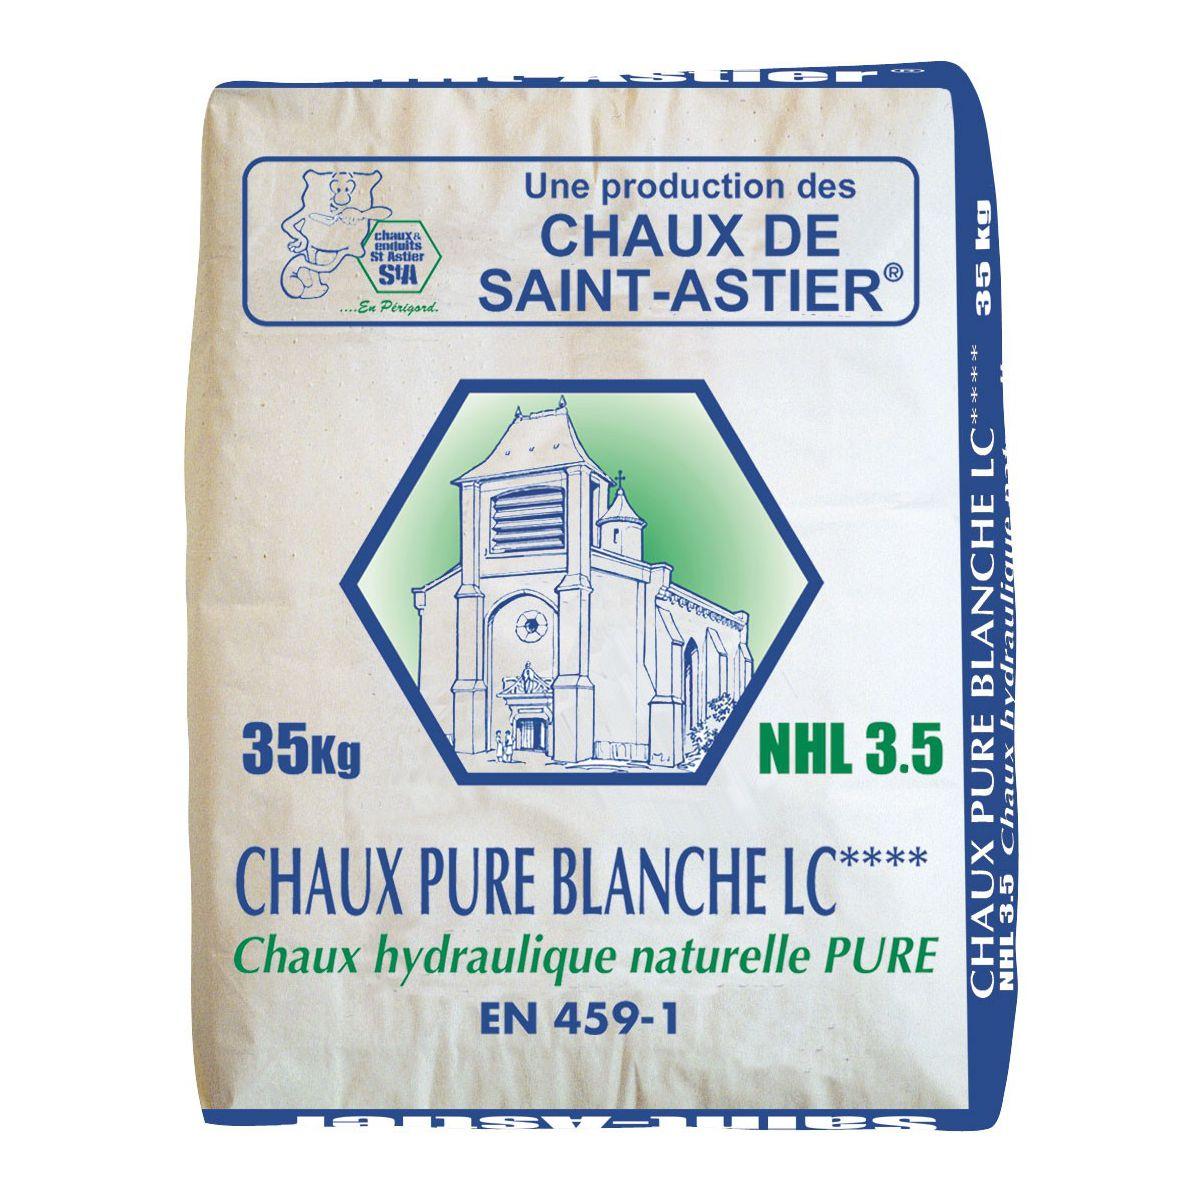 La chaux pure blanche nhl3 5 - Sac de chaux ...